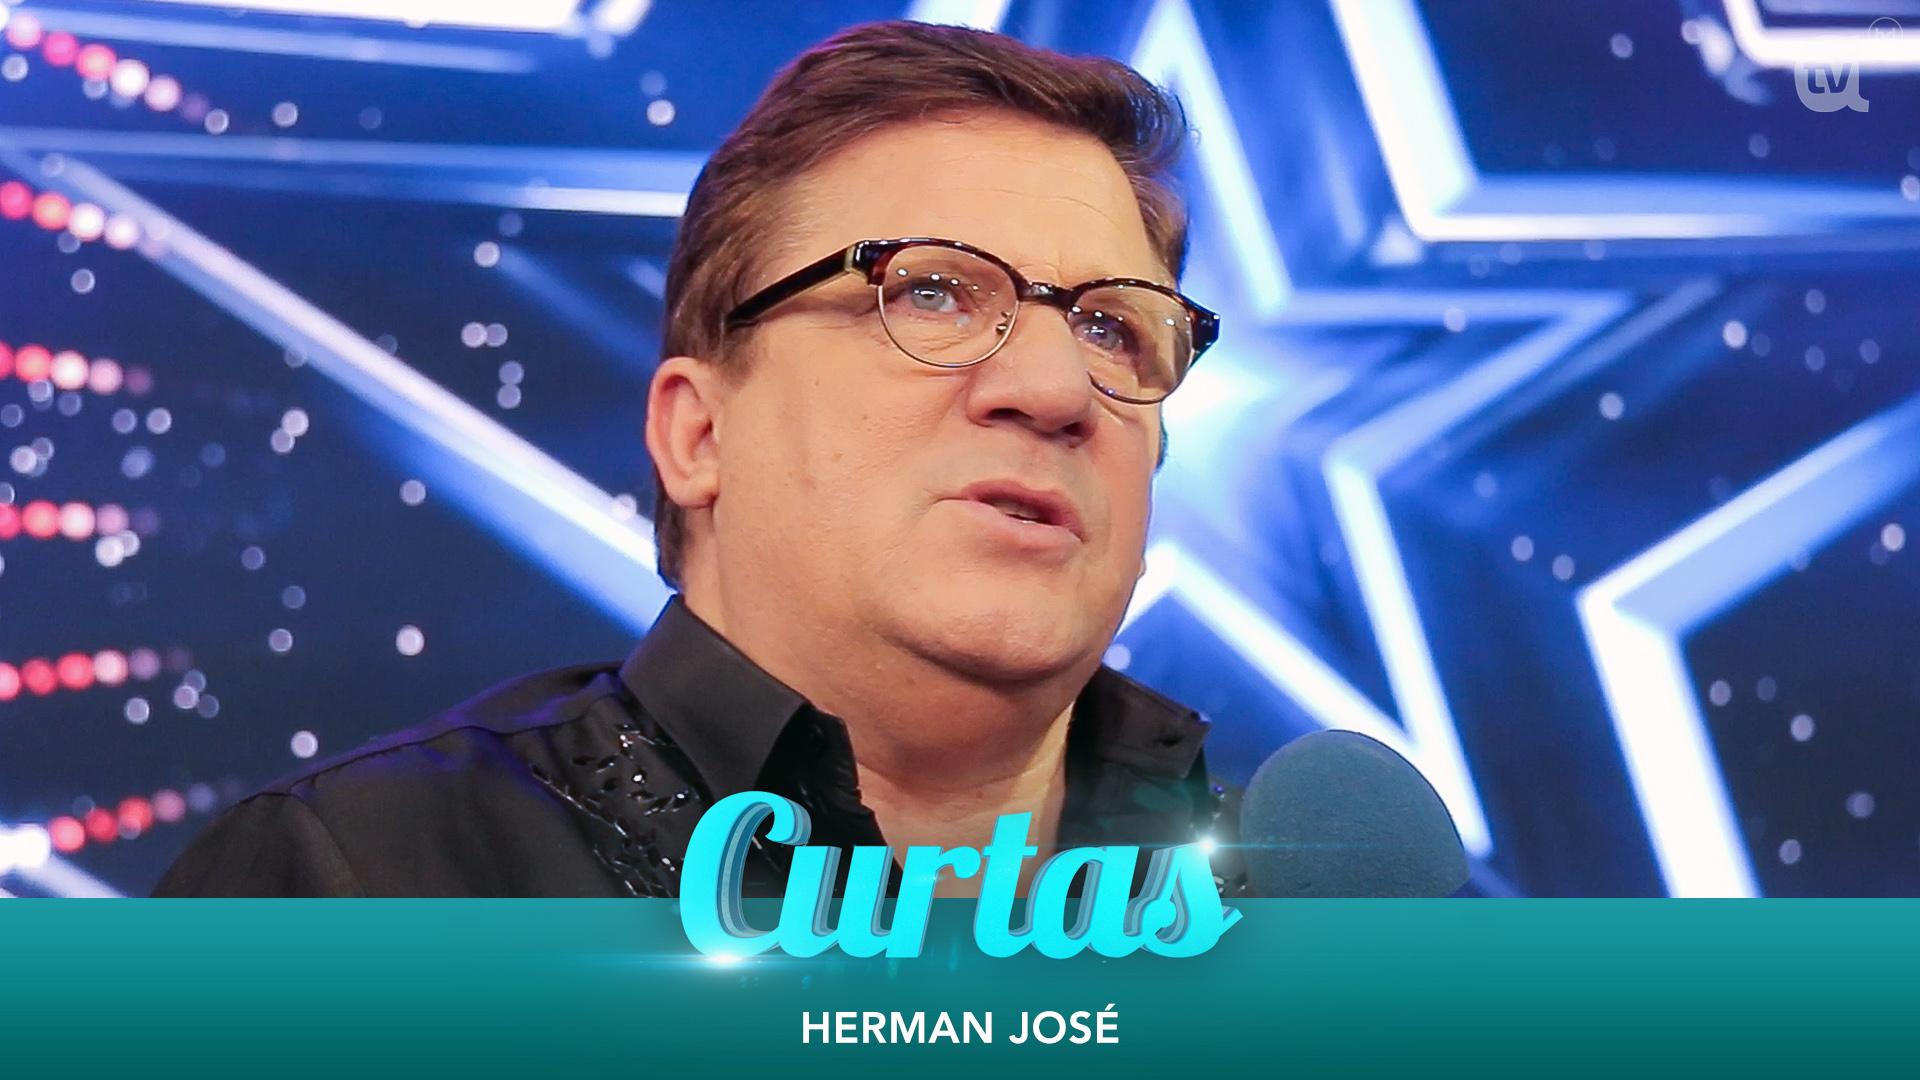 Herman Curtas - Herman José